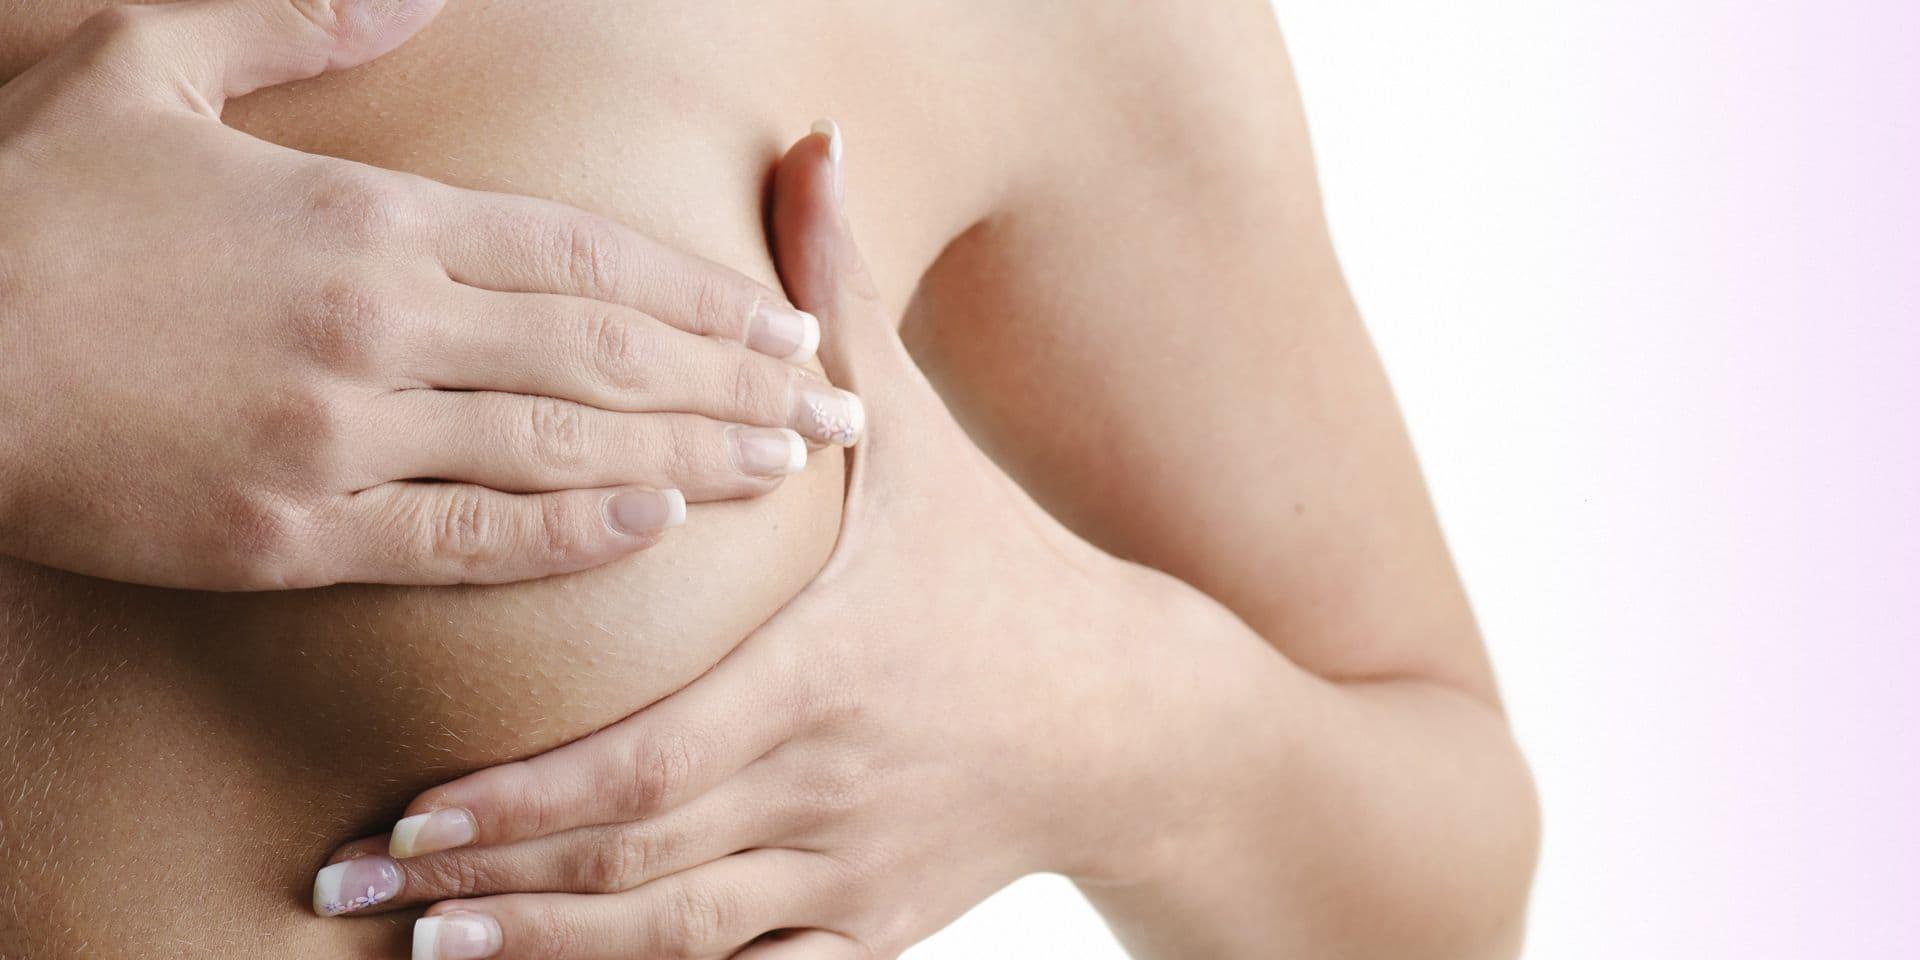 À Liège, baisse de moitié des diagnostics de cancer du sein à cause de la crise sanitaire